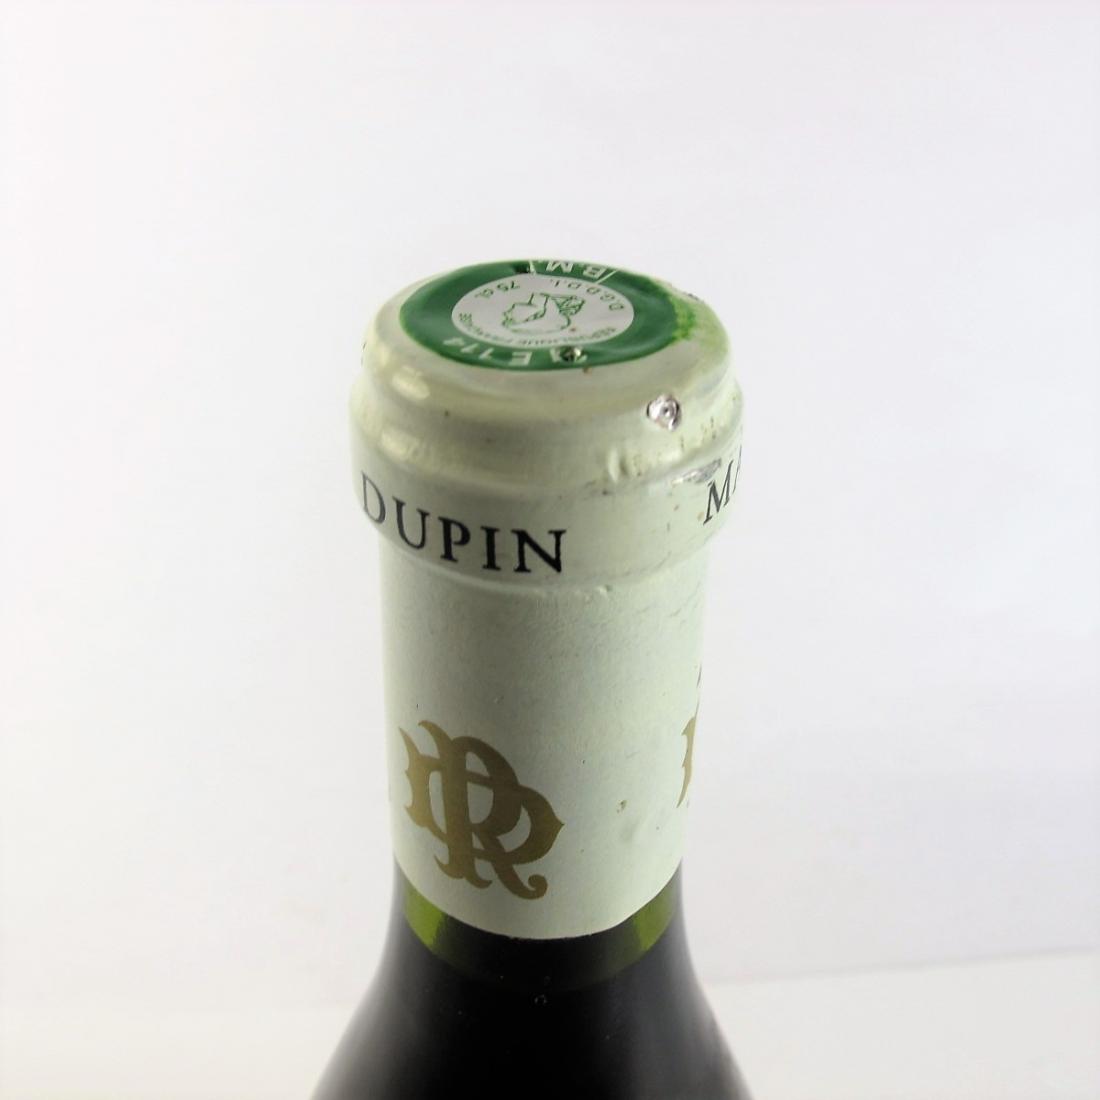 M.R.Dupin 2002 Corton Grand-Cru